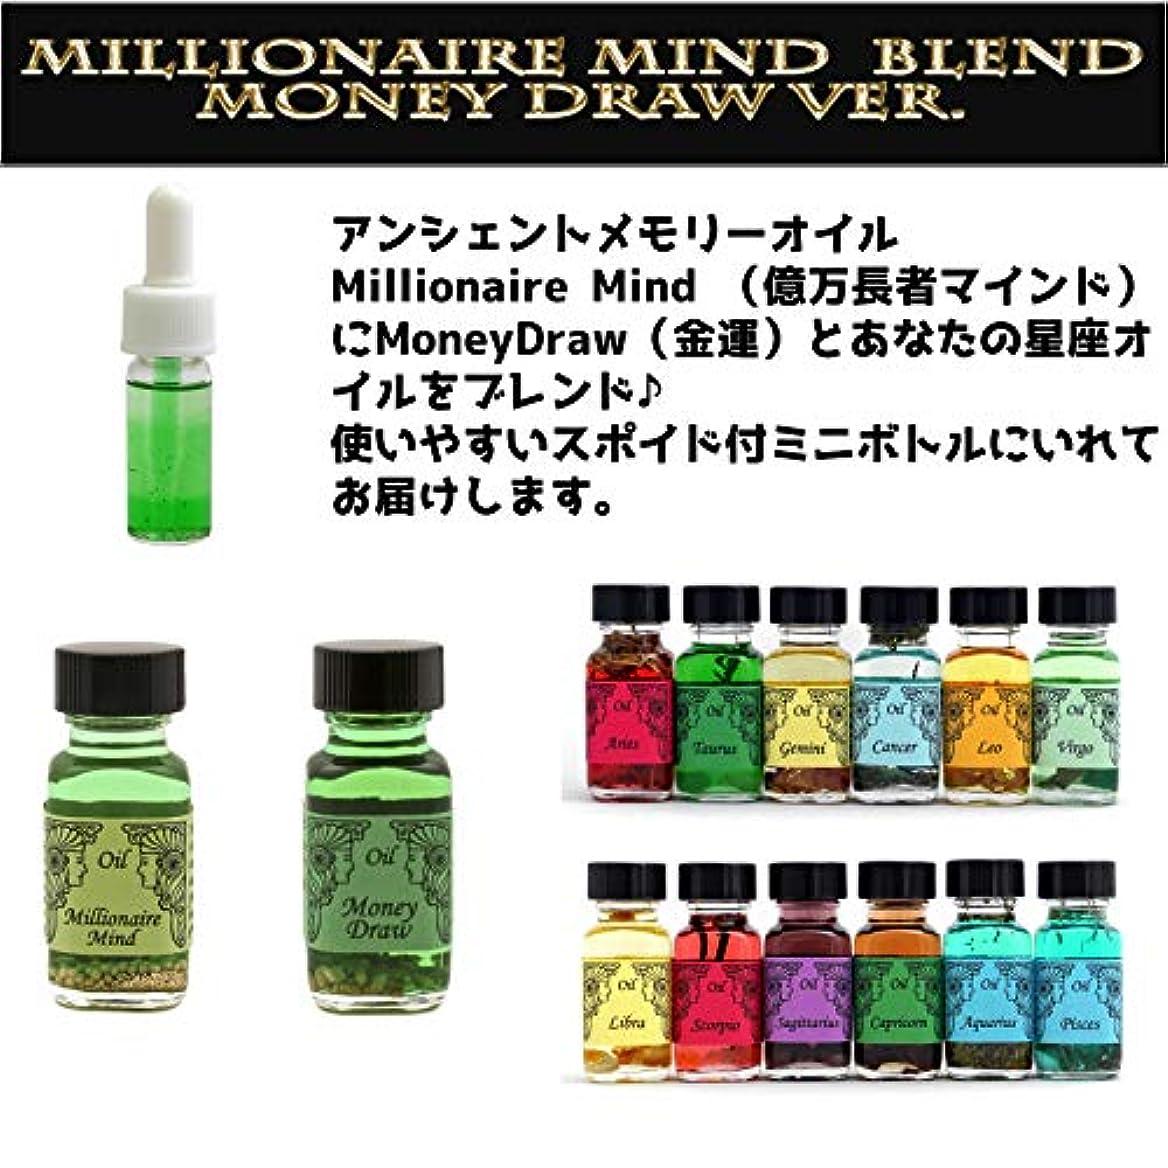 コンソール悲しいことに誤ってアンシェントメモリーオイル Millionaire Mind 億万長者マインド ブレンド(Money Drawマネードロー(金運)&しし座